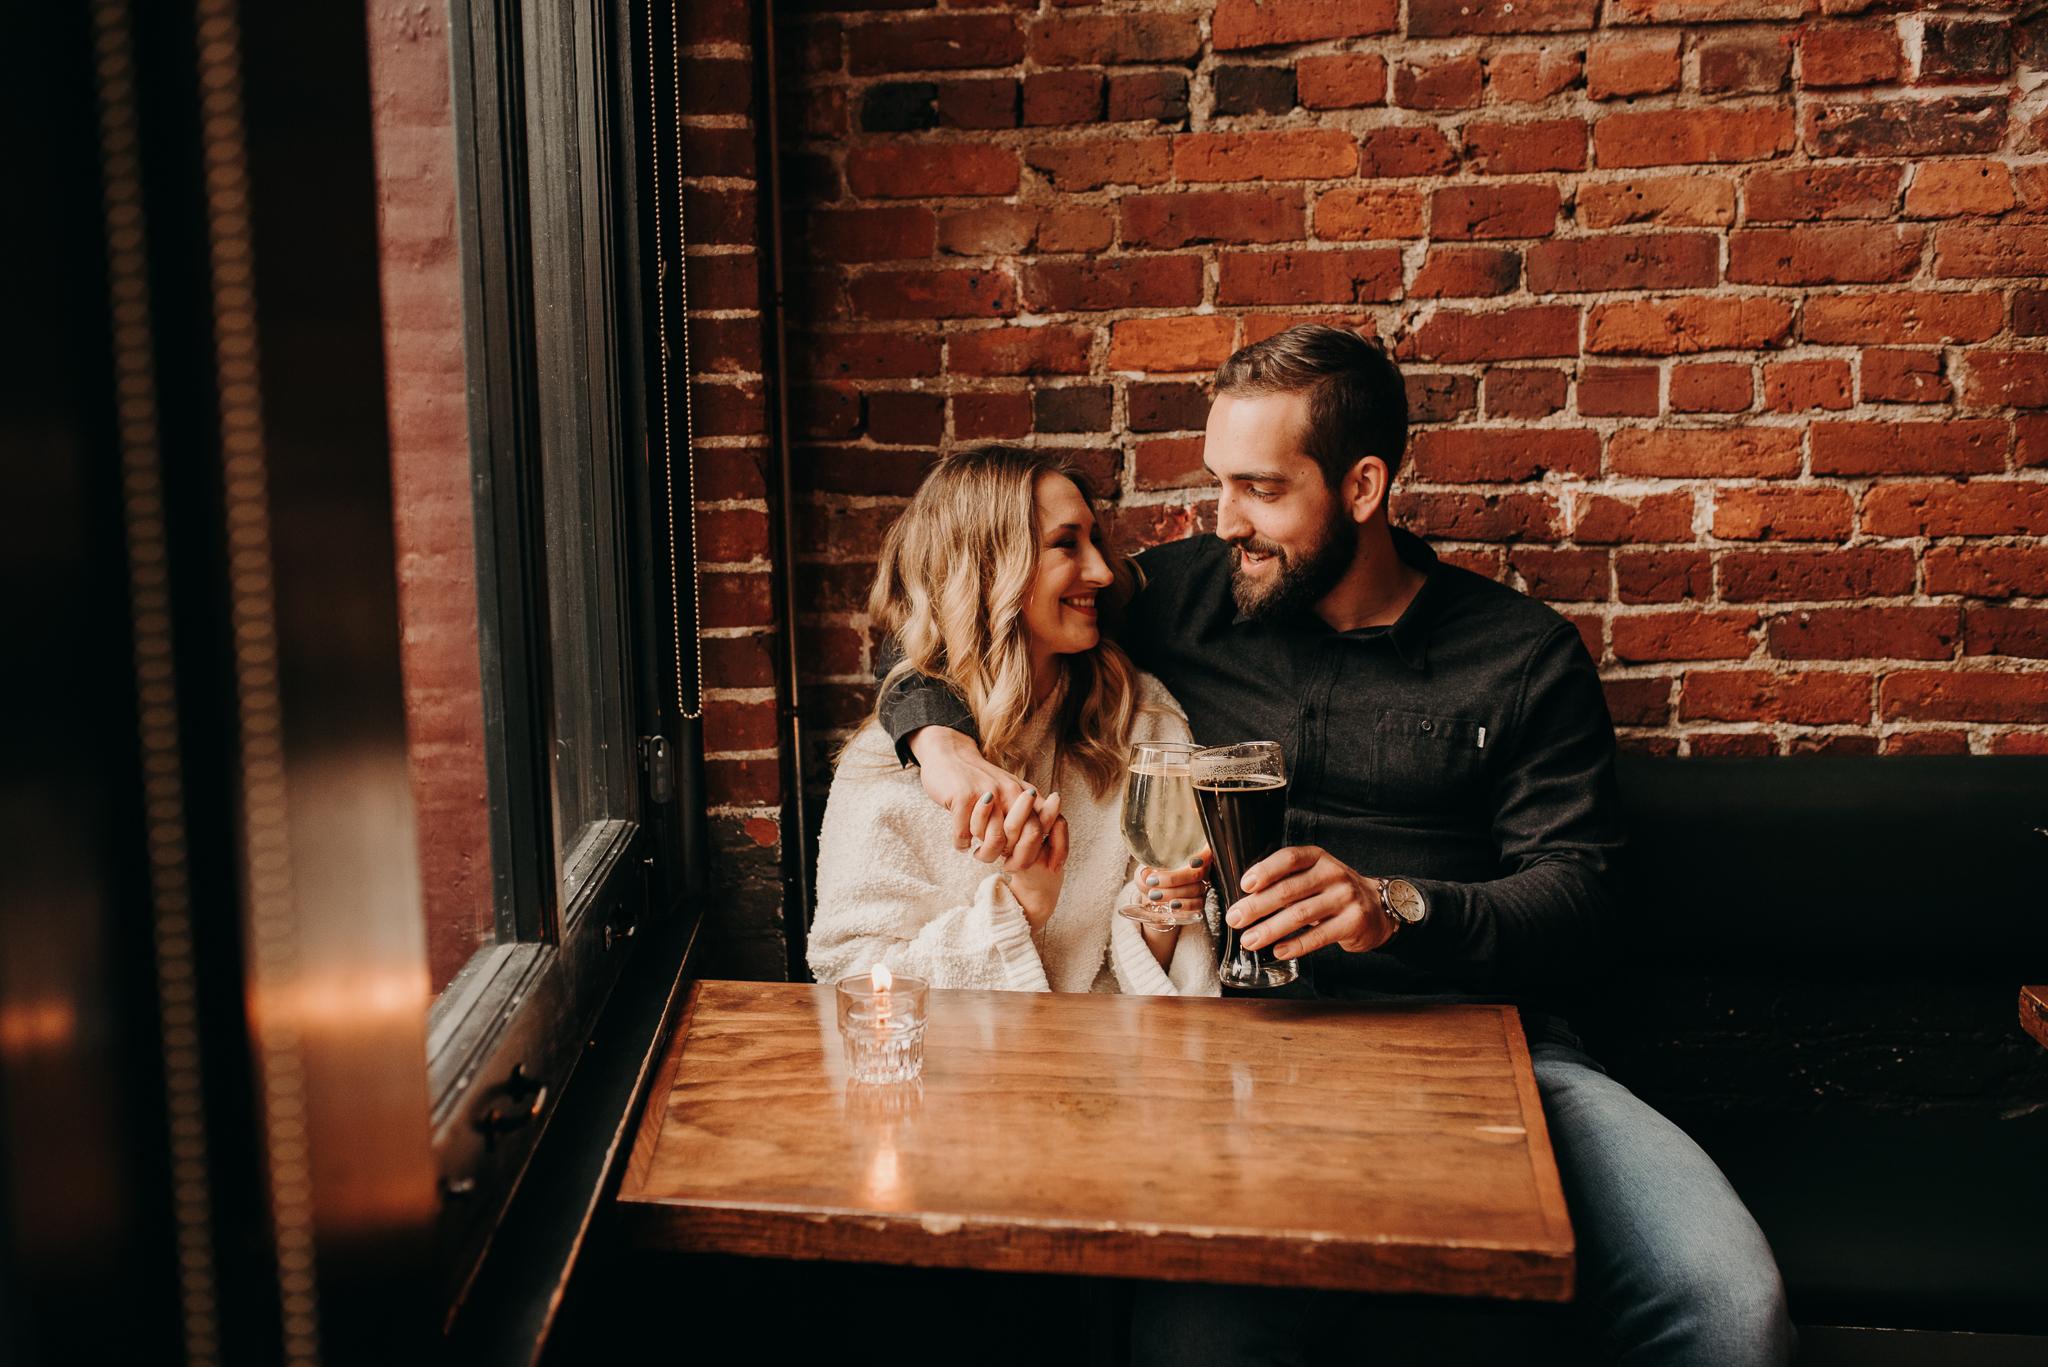 Amanda & Eric Gastown Vancouver Engagement Session - Laura Olson Photography - Sunshine Coast BC Photographer - Vancouver Photographer-1843.jpg